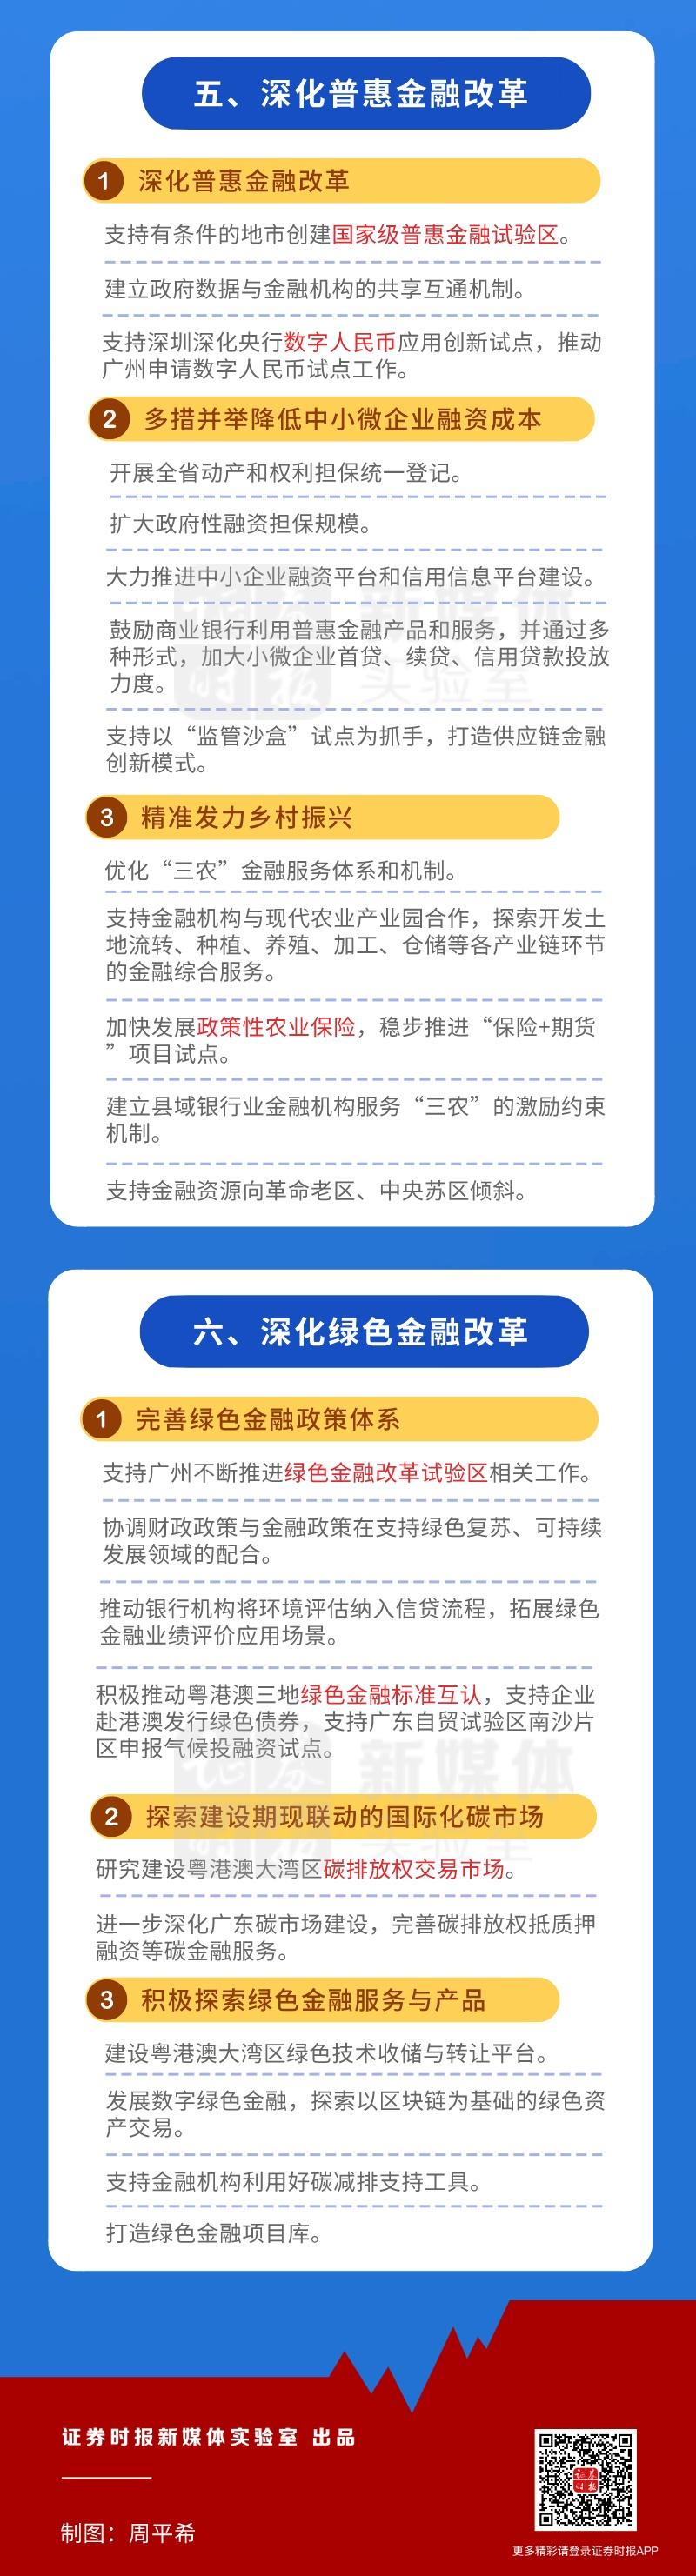 一图看懂广东深入推进资本要素市场化配置改革行动方案